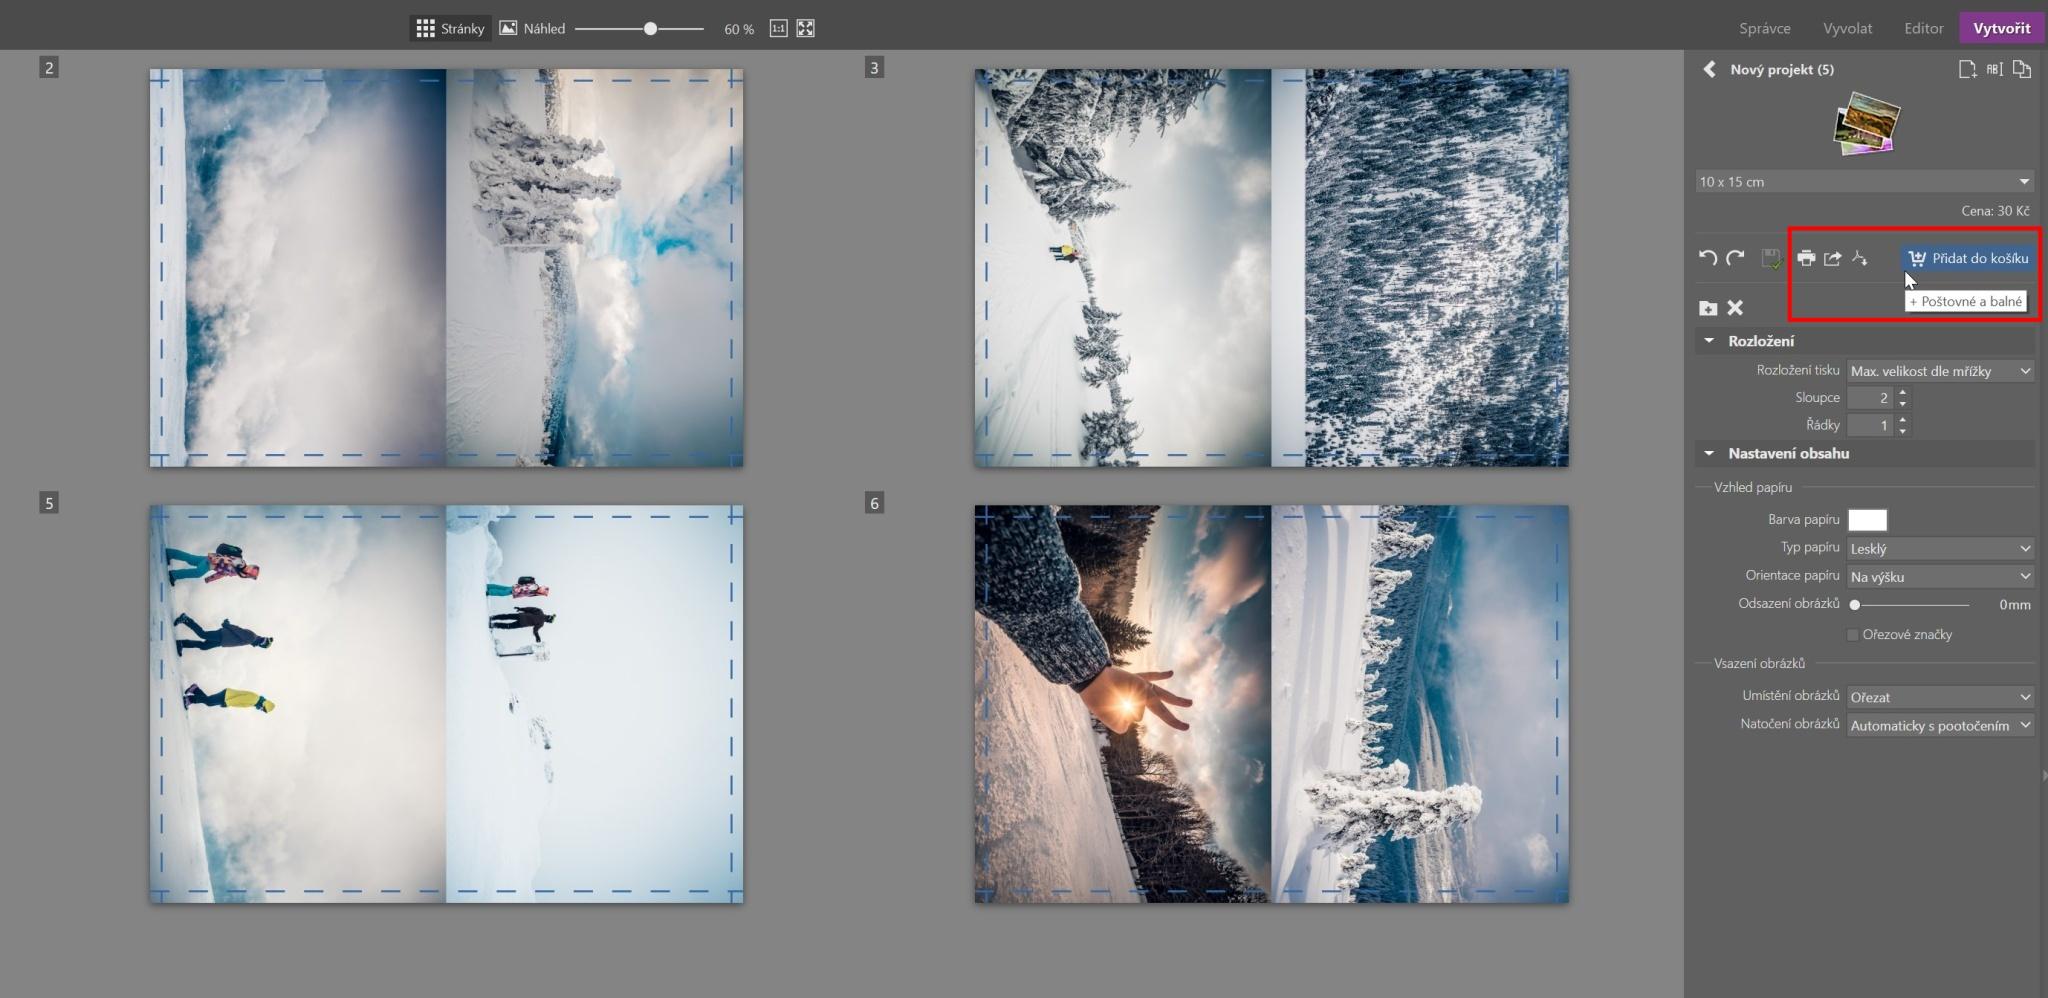 Více fotek na jeden papír - tisk fotek